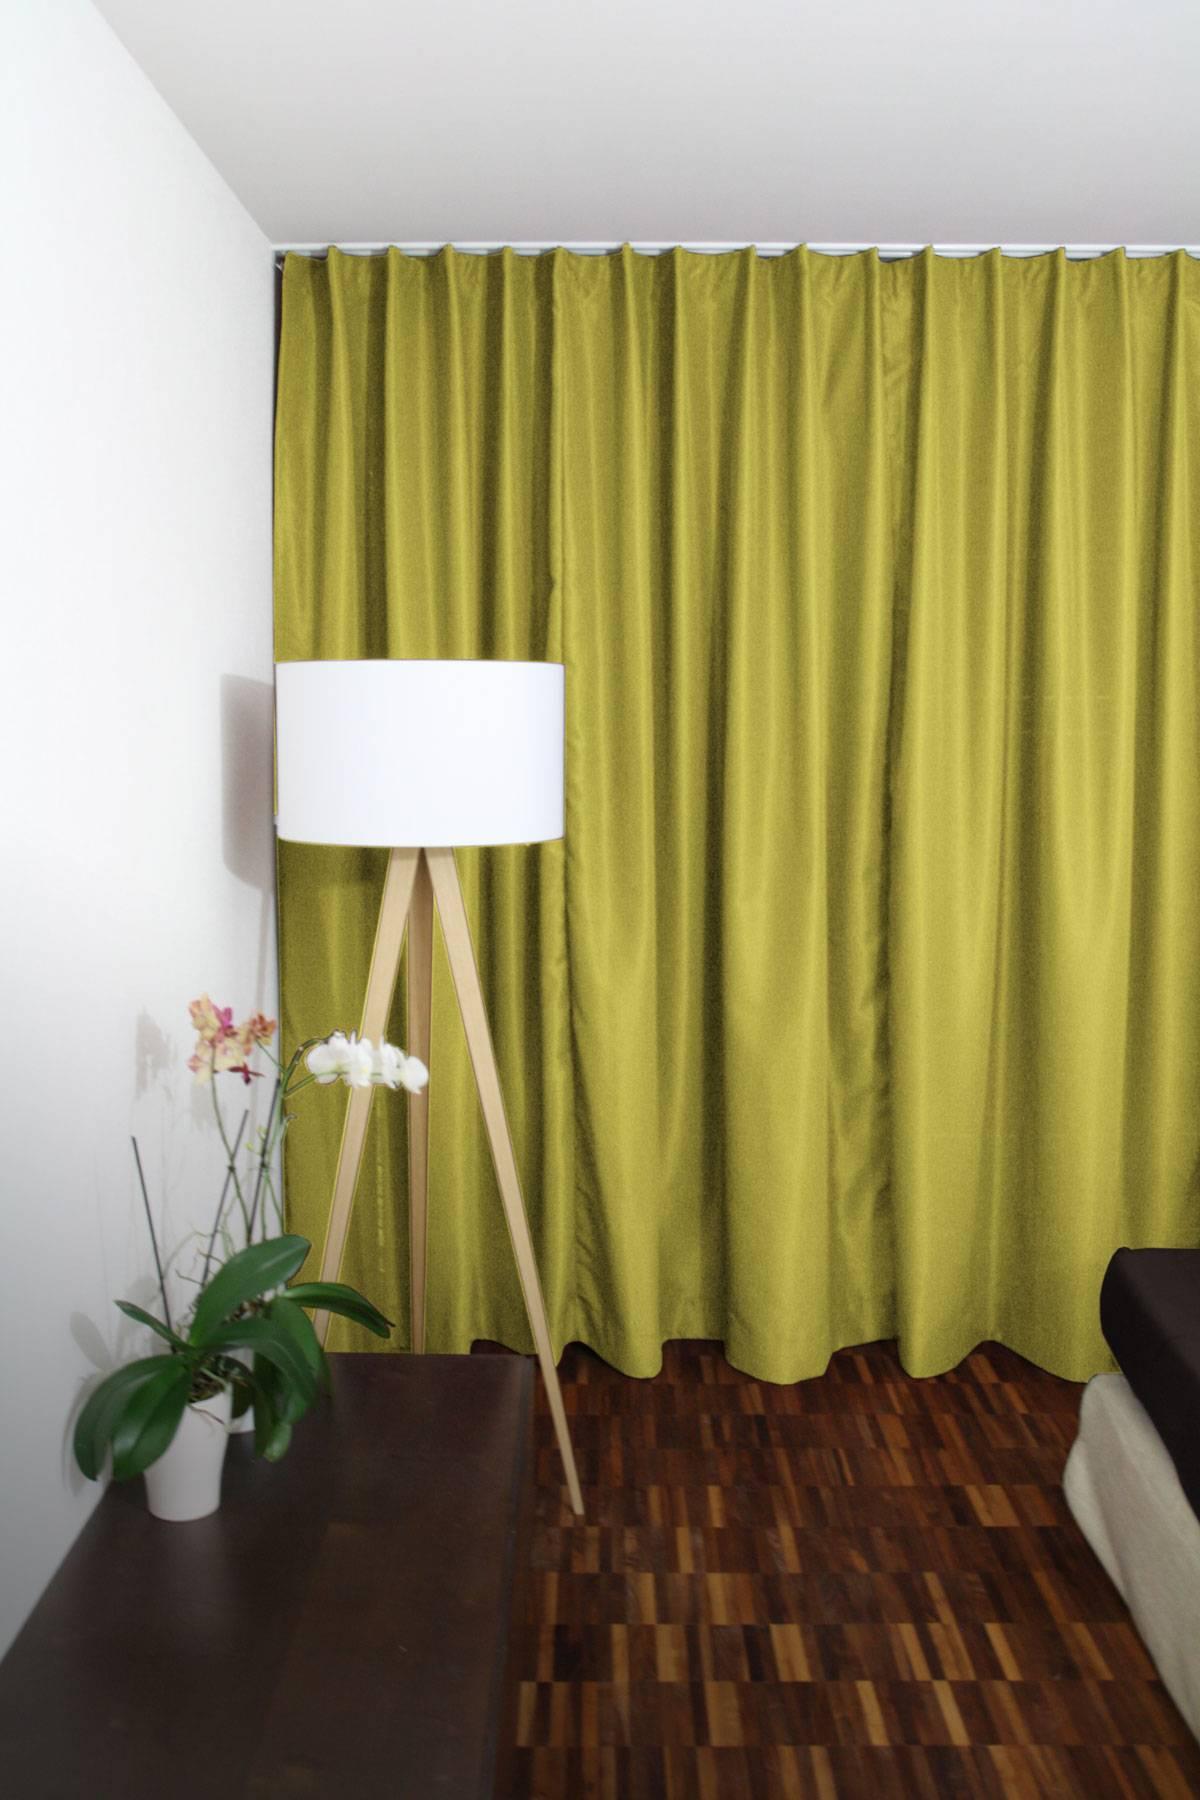 vorhang gelb vorhang aus bedruckt ecrugelb blumen with vorhang gelb finest vorhang vivien gelb. Black Bedroom Furniture Sets. Home Design Ideas